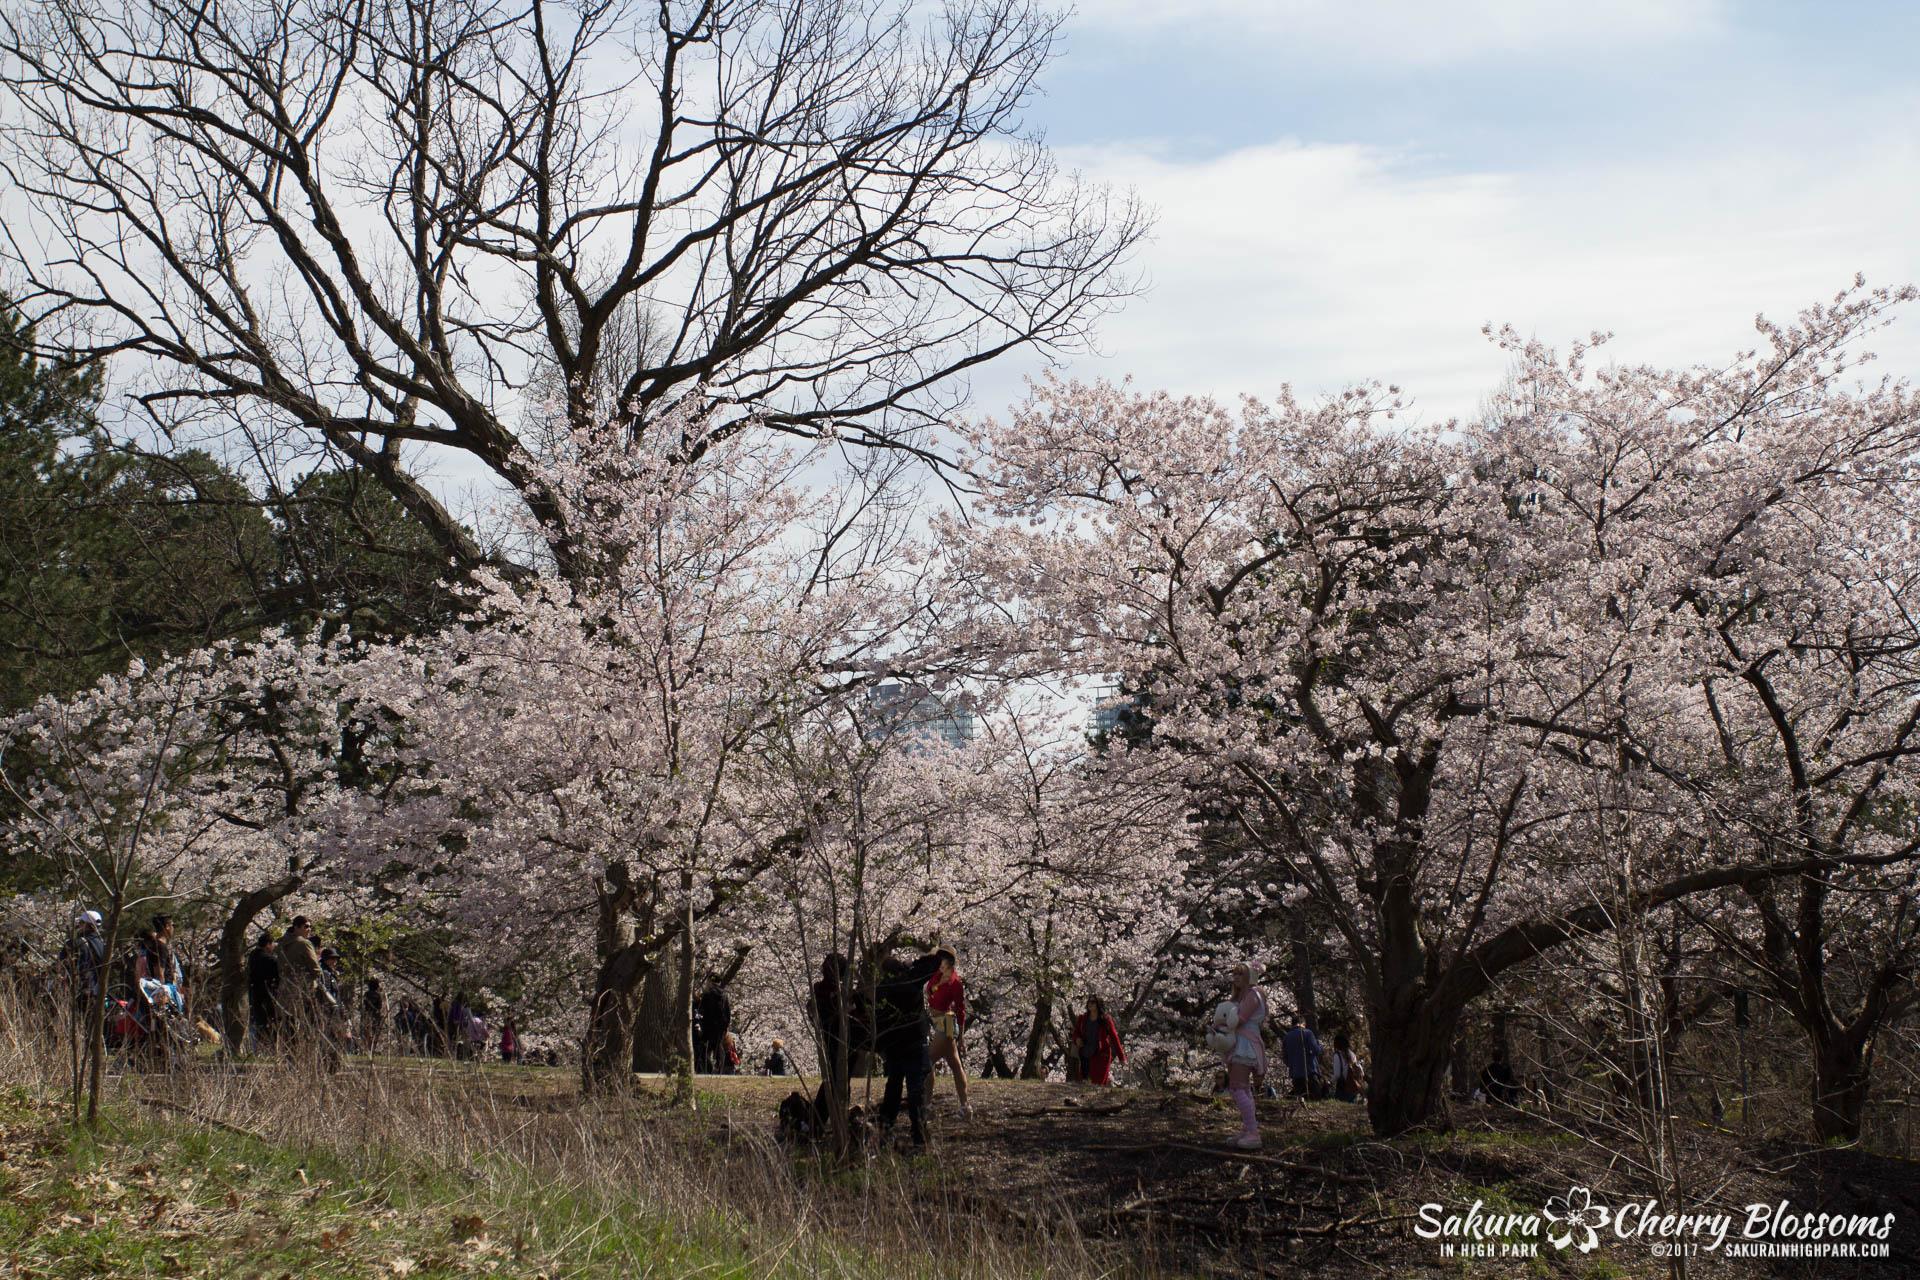 Sakura-Watch-April-28-2017-full-bloom-throughout-High-Park-5672.jpg